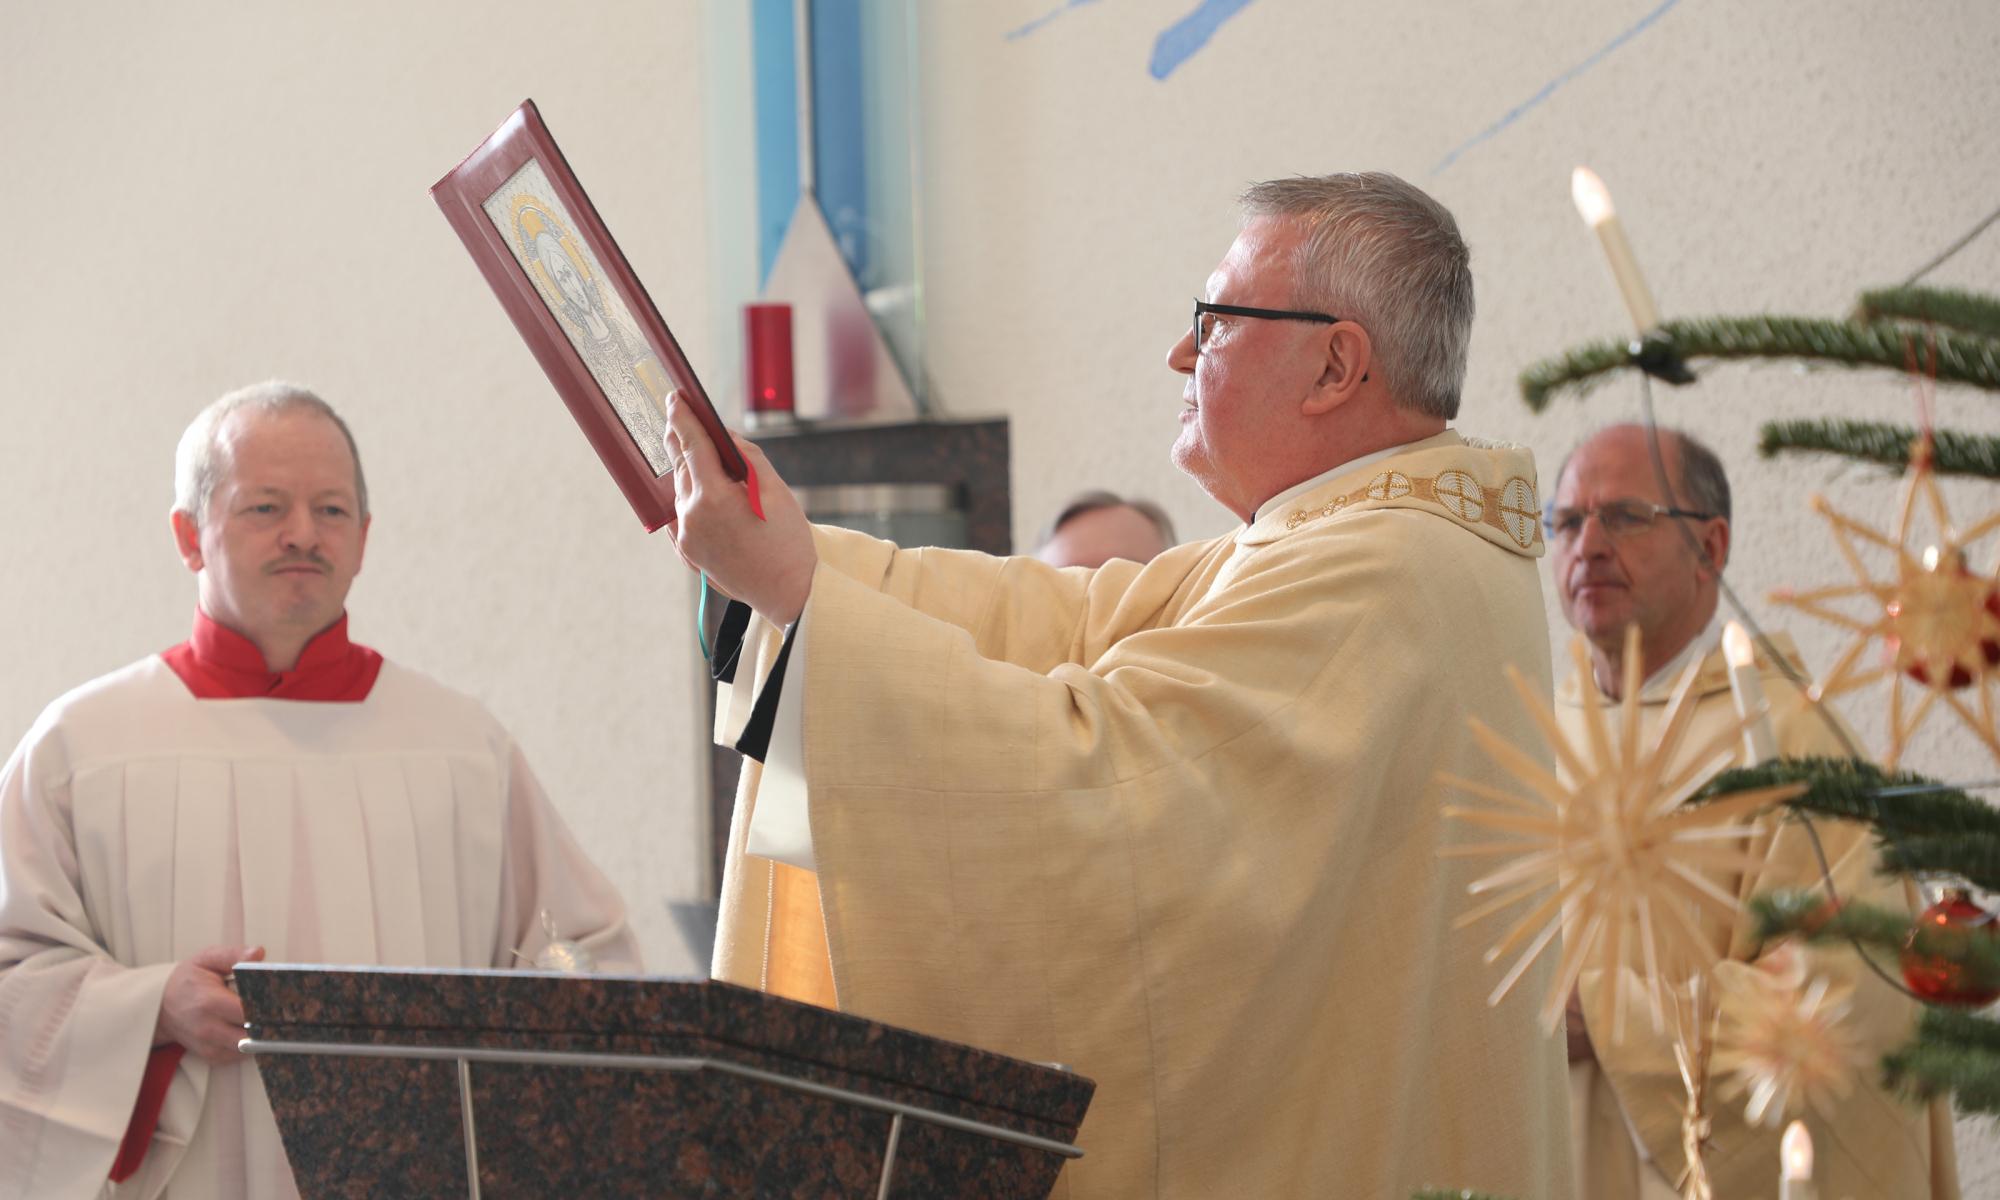 200112 Festakt 60 Jahre Spectrum Kirche foto6